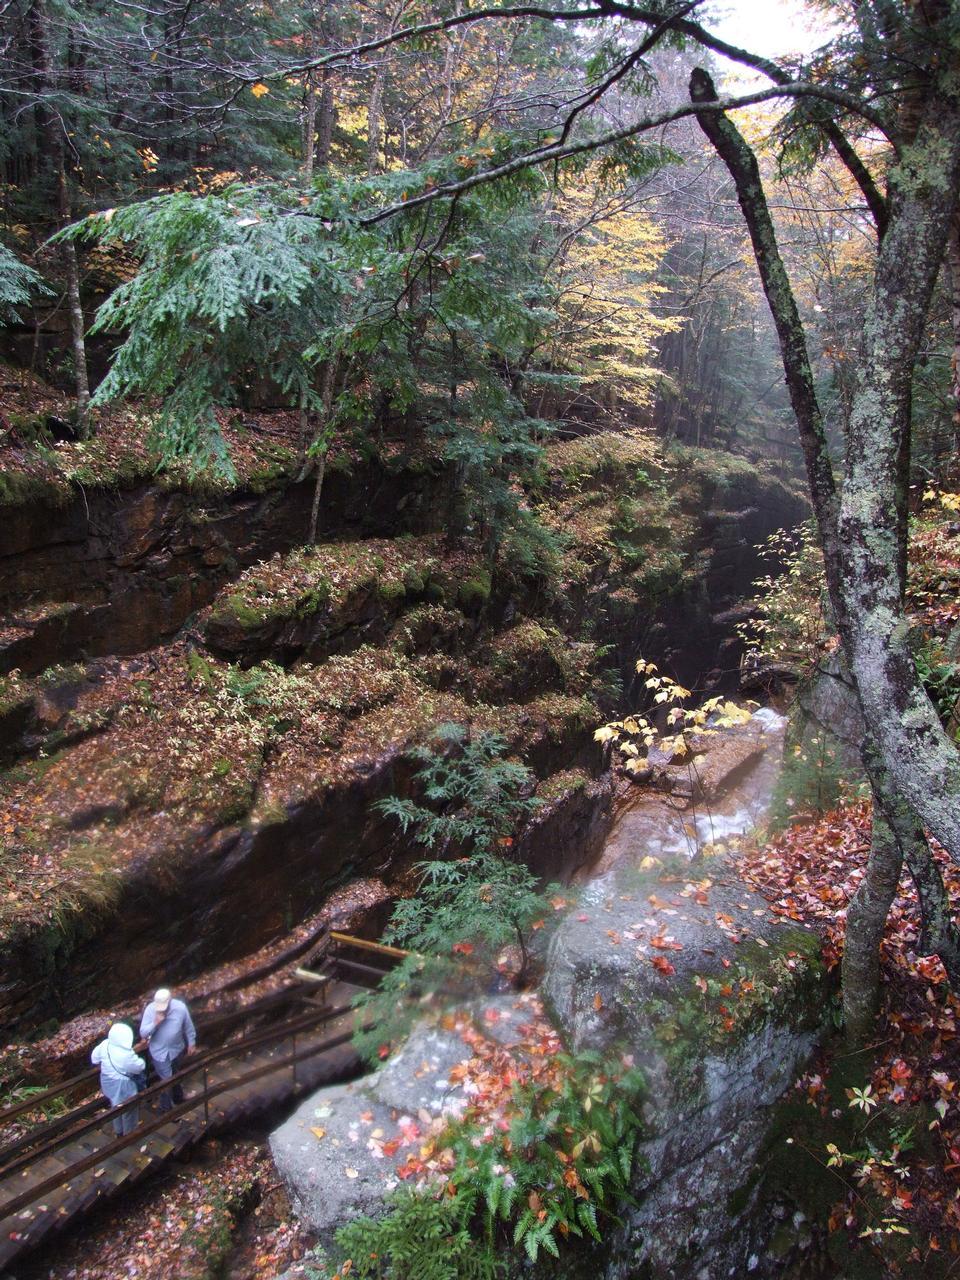 New Hampshire's White Mountains - Autumn Foliage